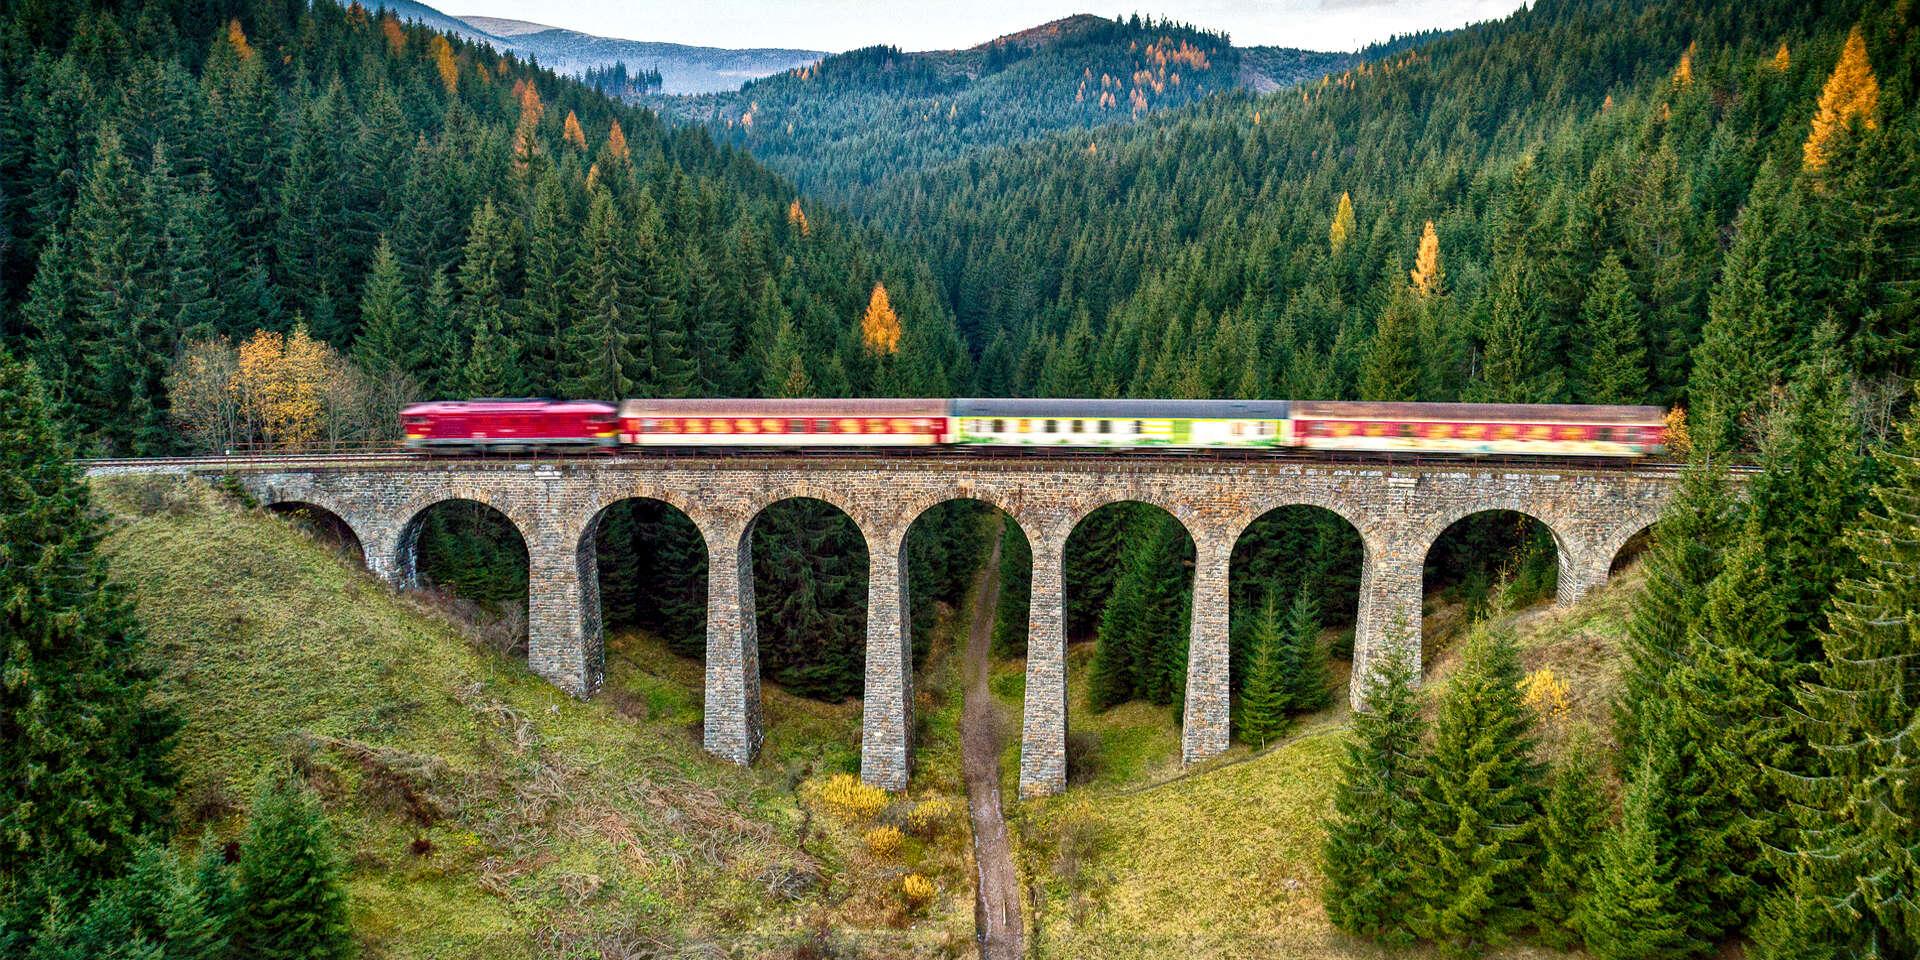 Holiday Resort Telgárt medzi troma národnými parkmi a len 4 minúty pešo od slávneho viaduktu